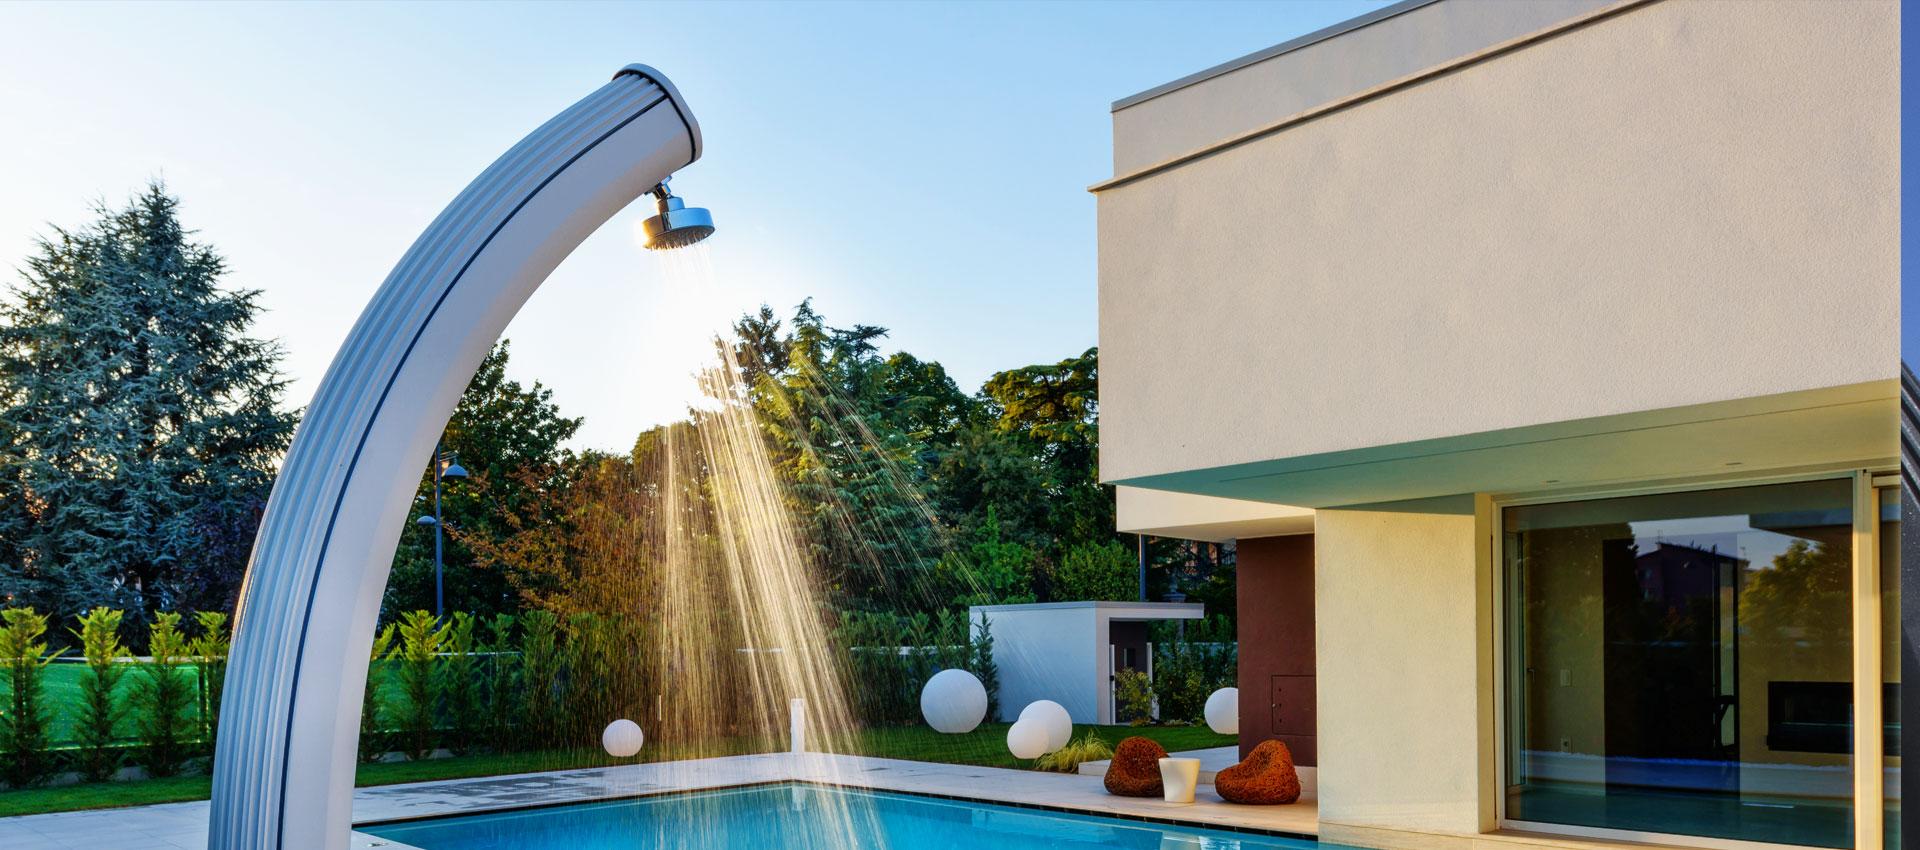 Docce Per Esterni E Giardini docce solari ecologiche per giardino ~ piscine castiglione